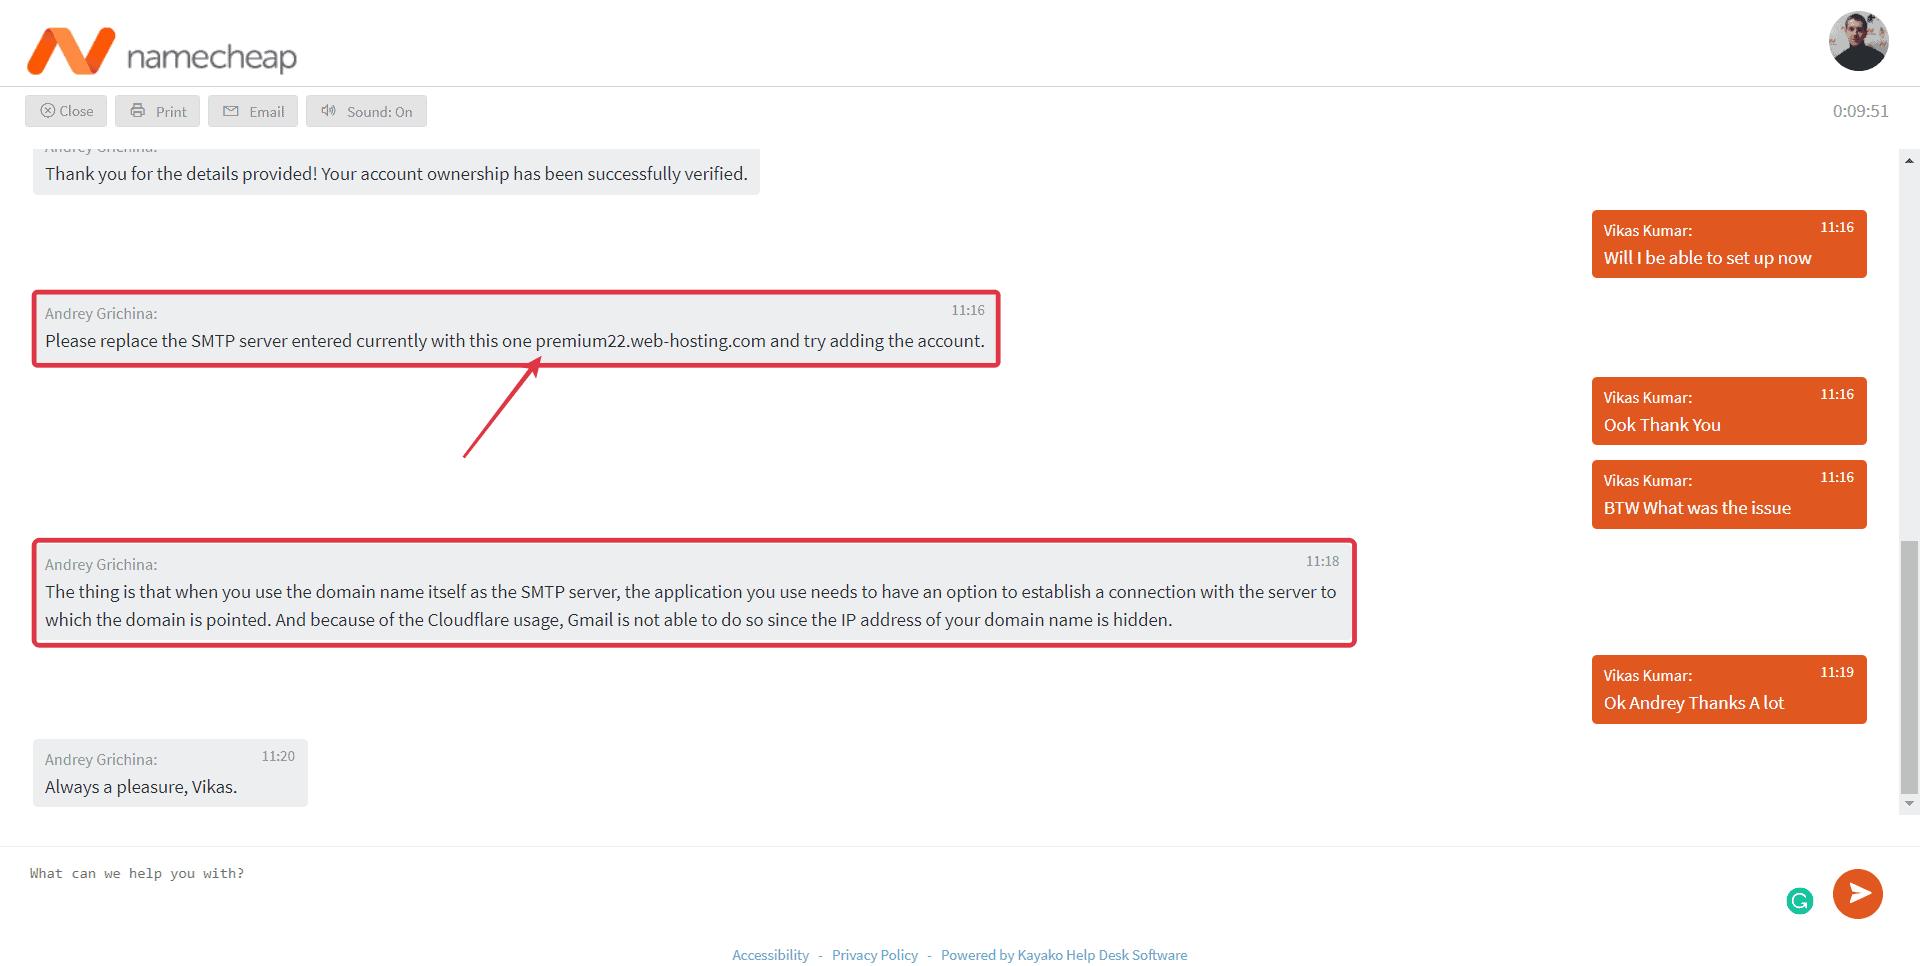 Namecheap Customer Support Explained Error